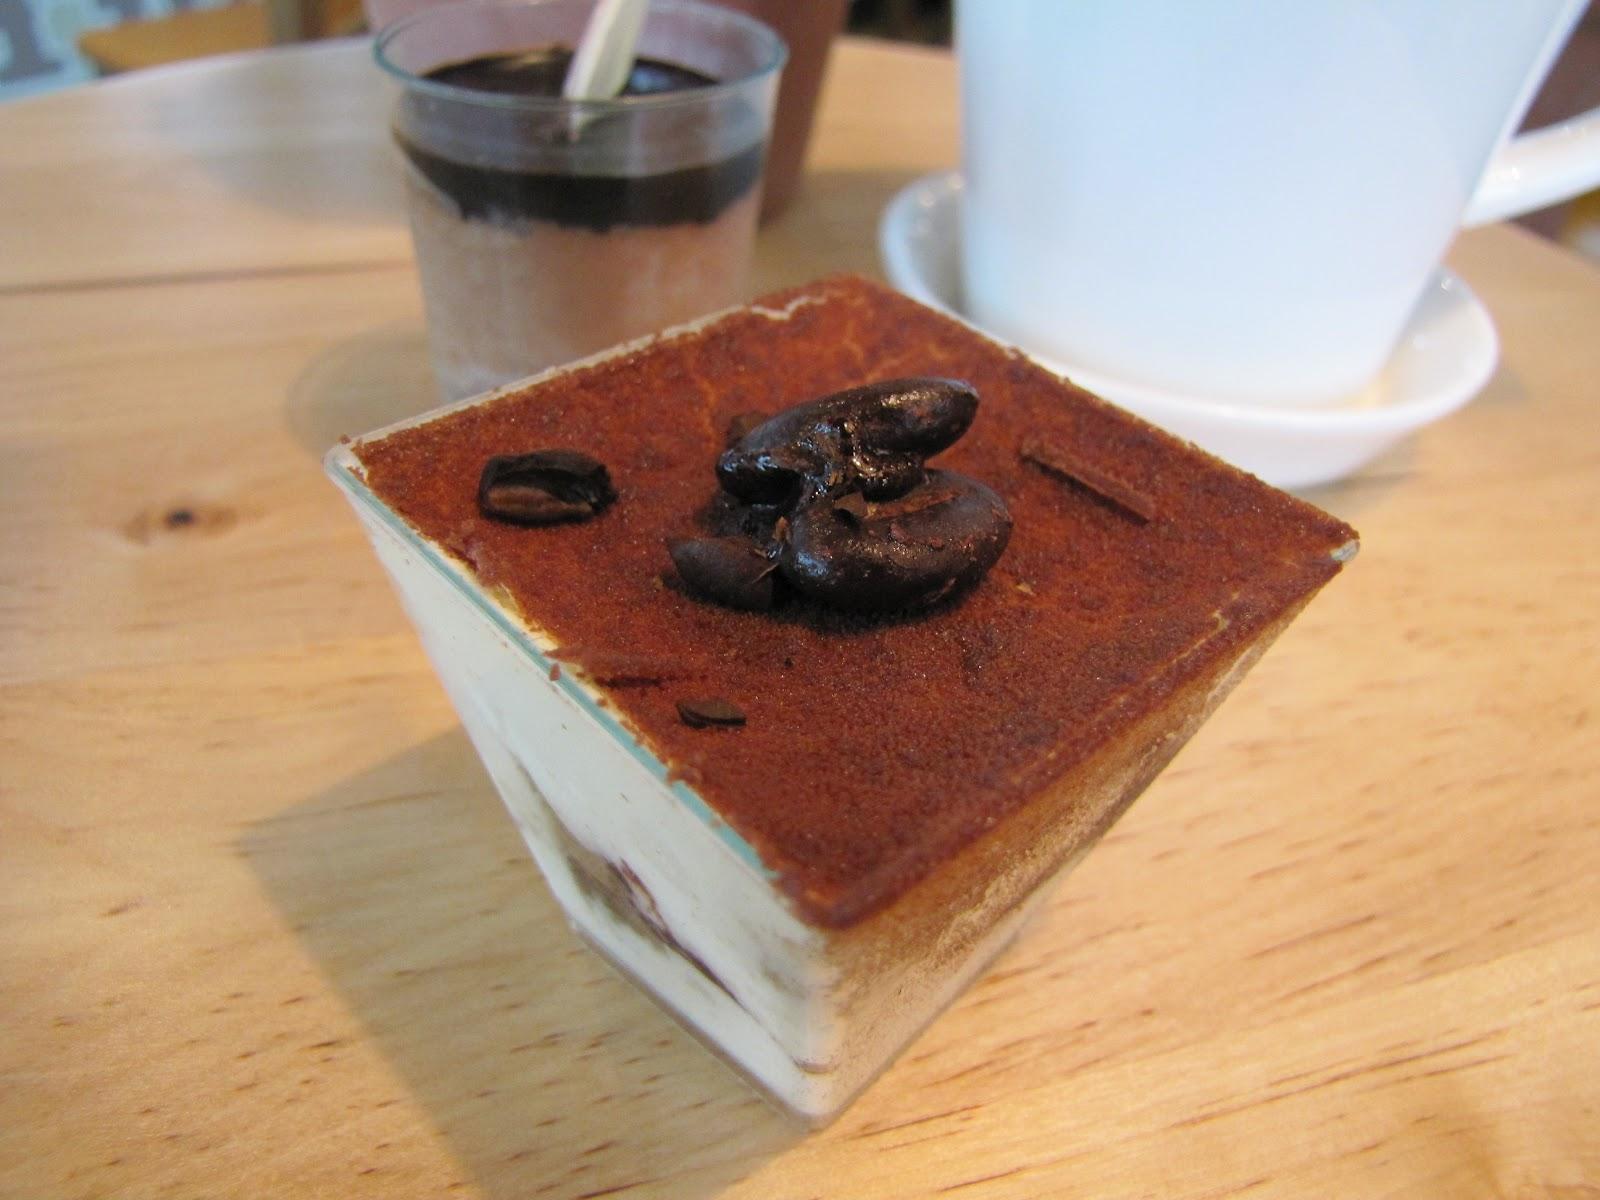 Cowboy Coffee Petaling Jaya Kuala Lumpur Malaysia The Yum List